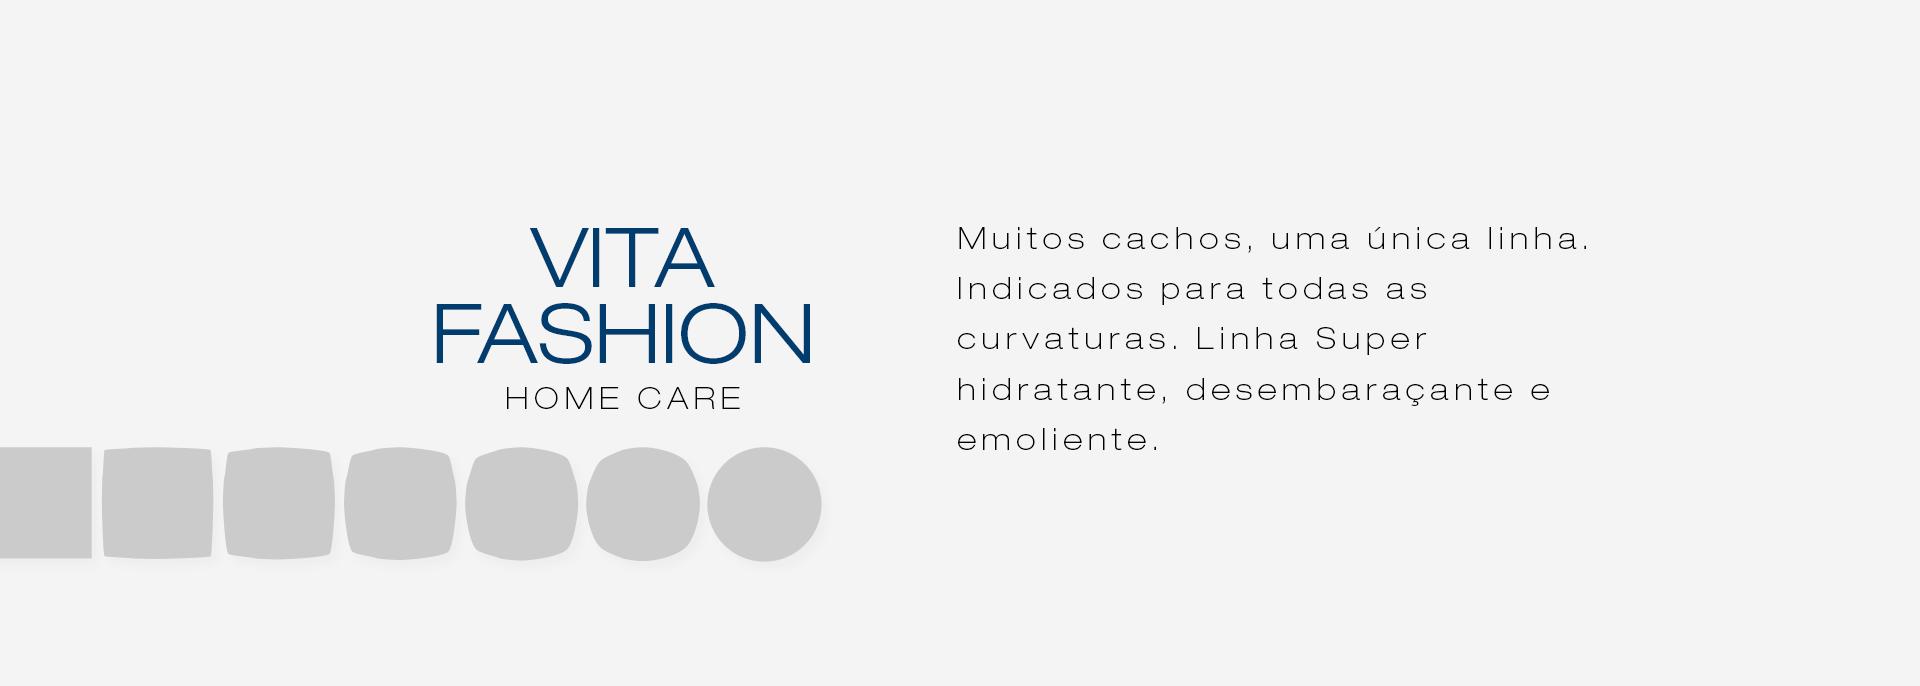 Categoria linha Vita Fashion